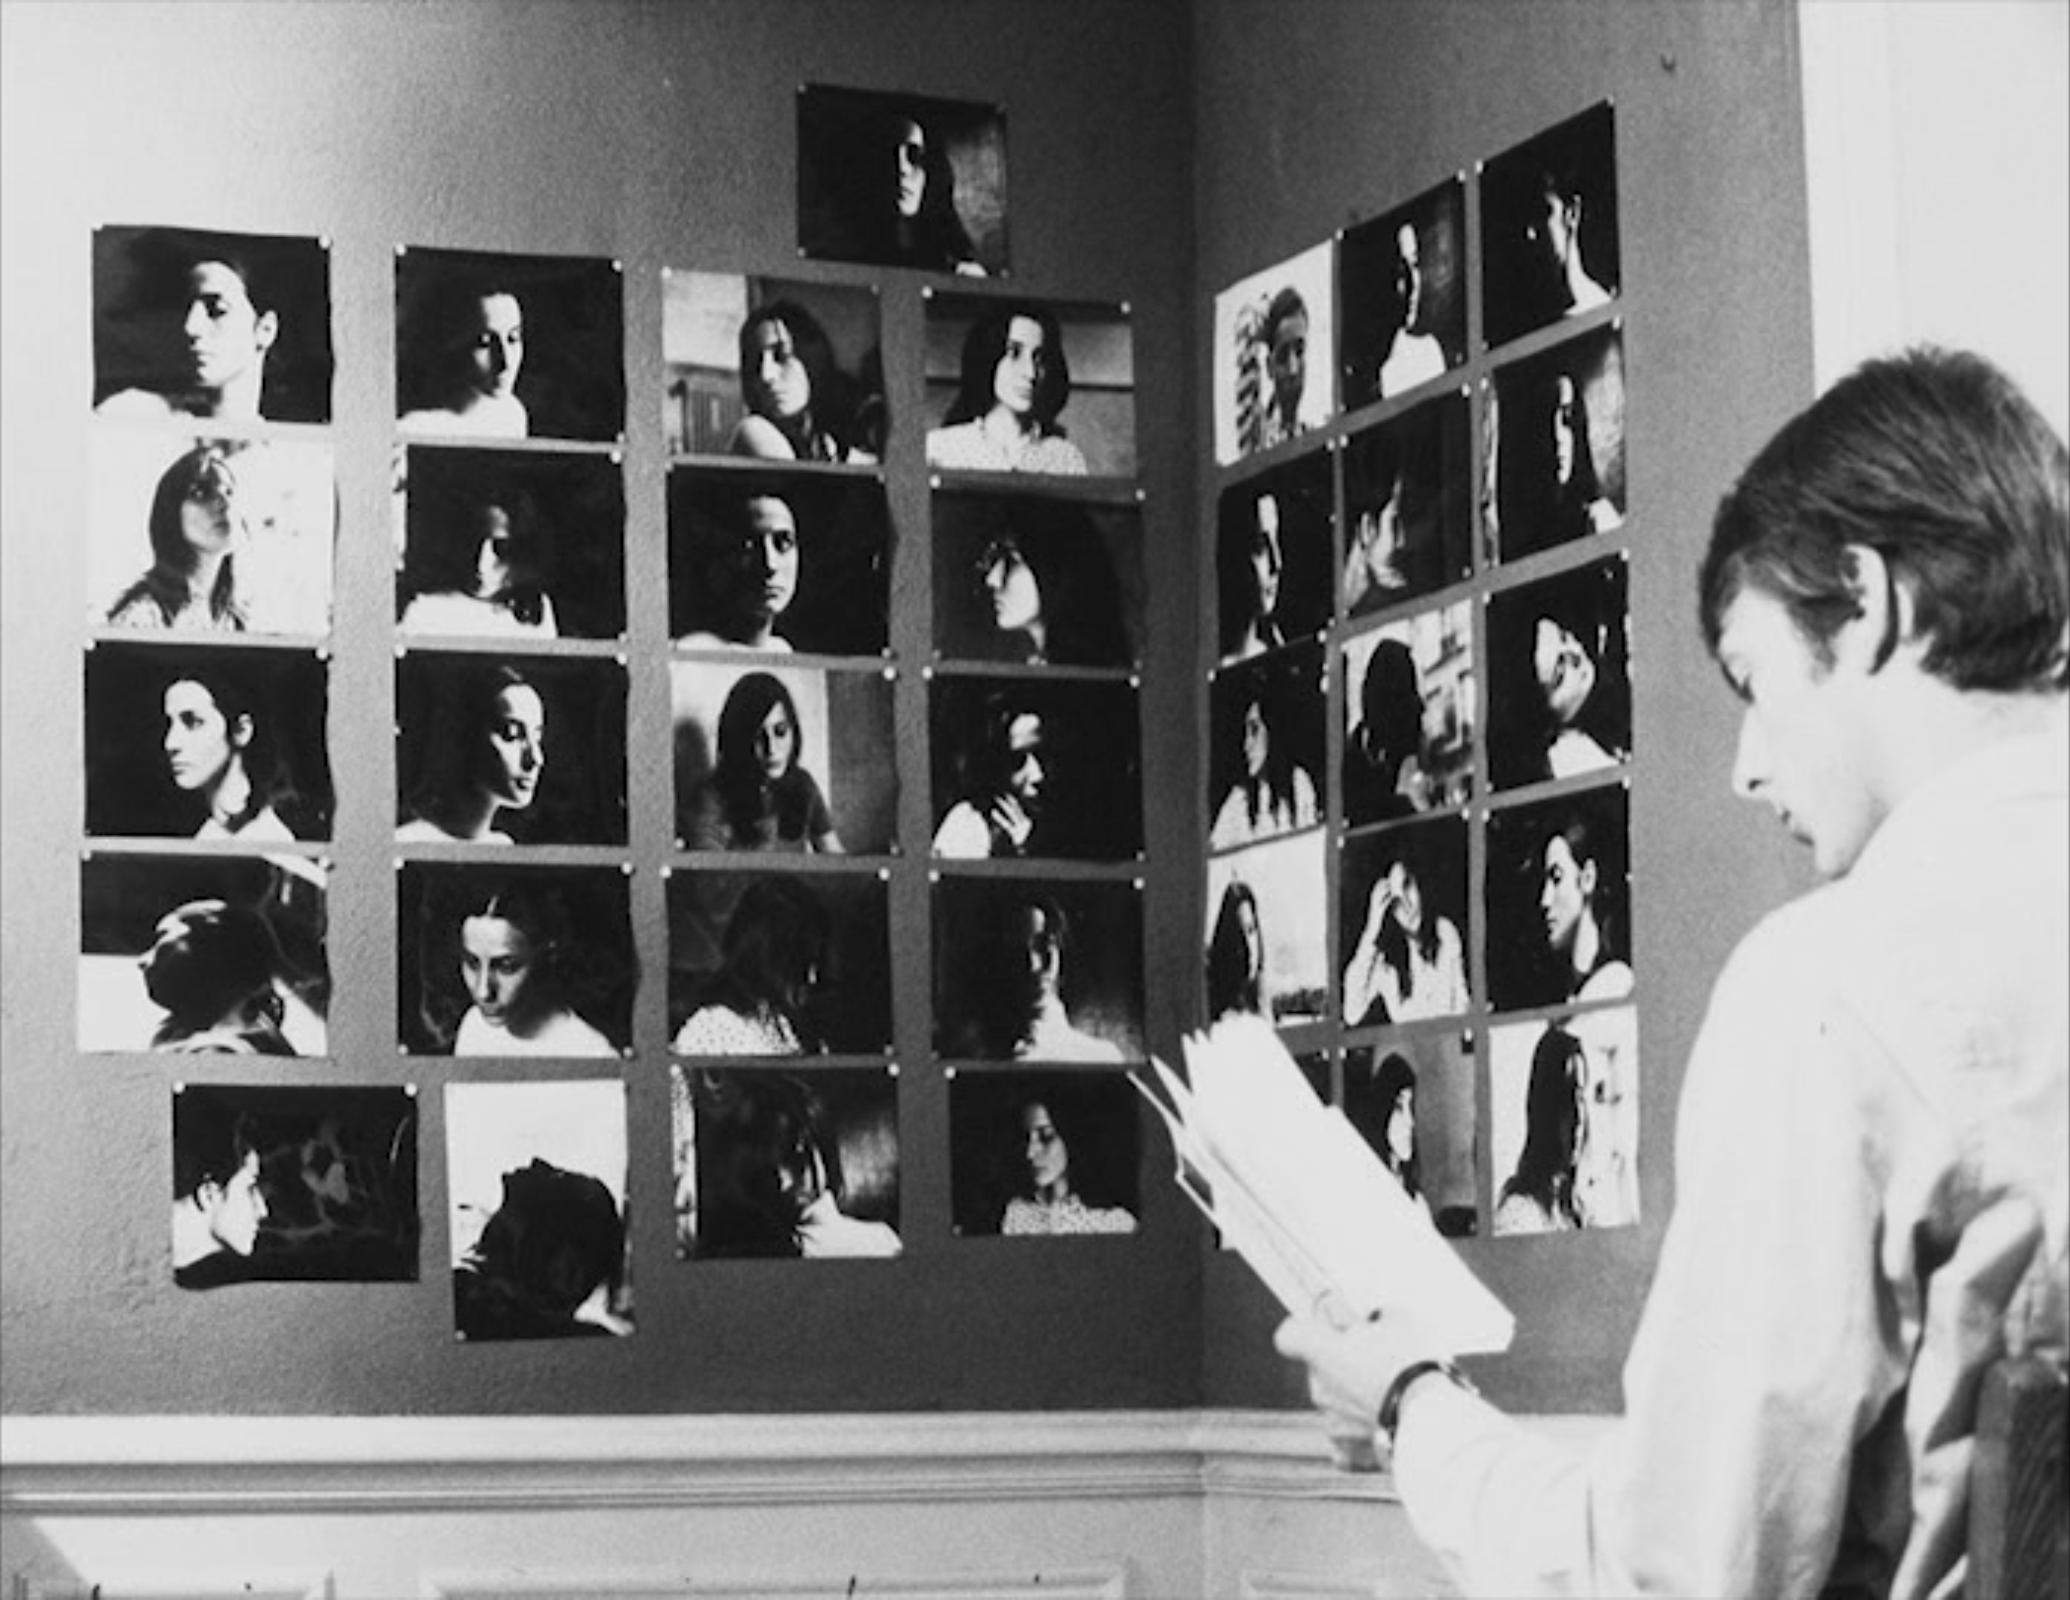 L'ÉTÉ  (1968)